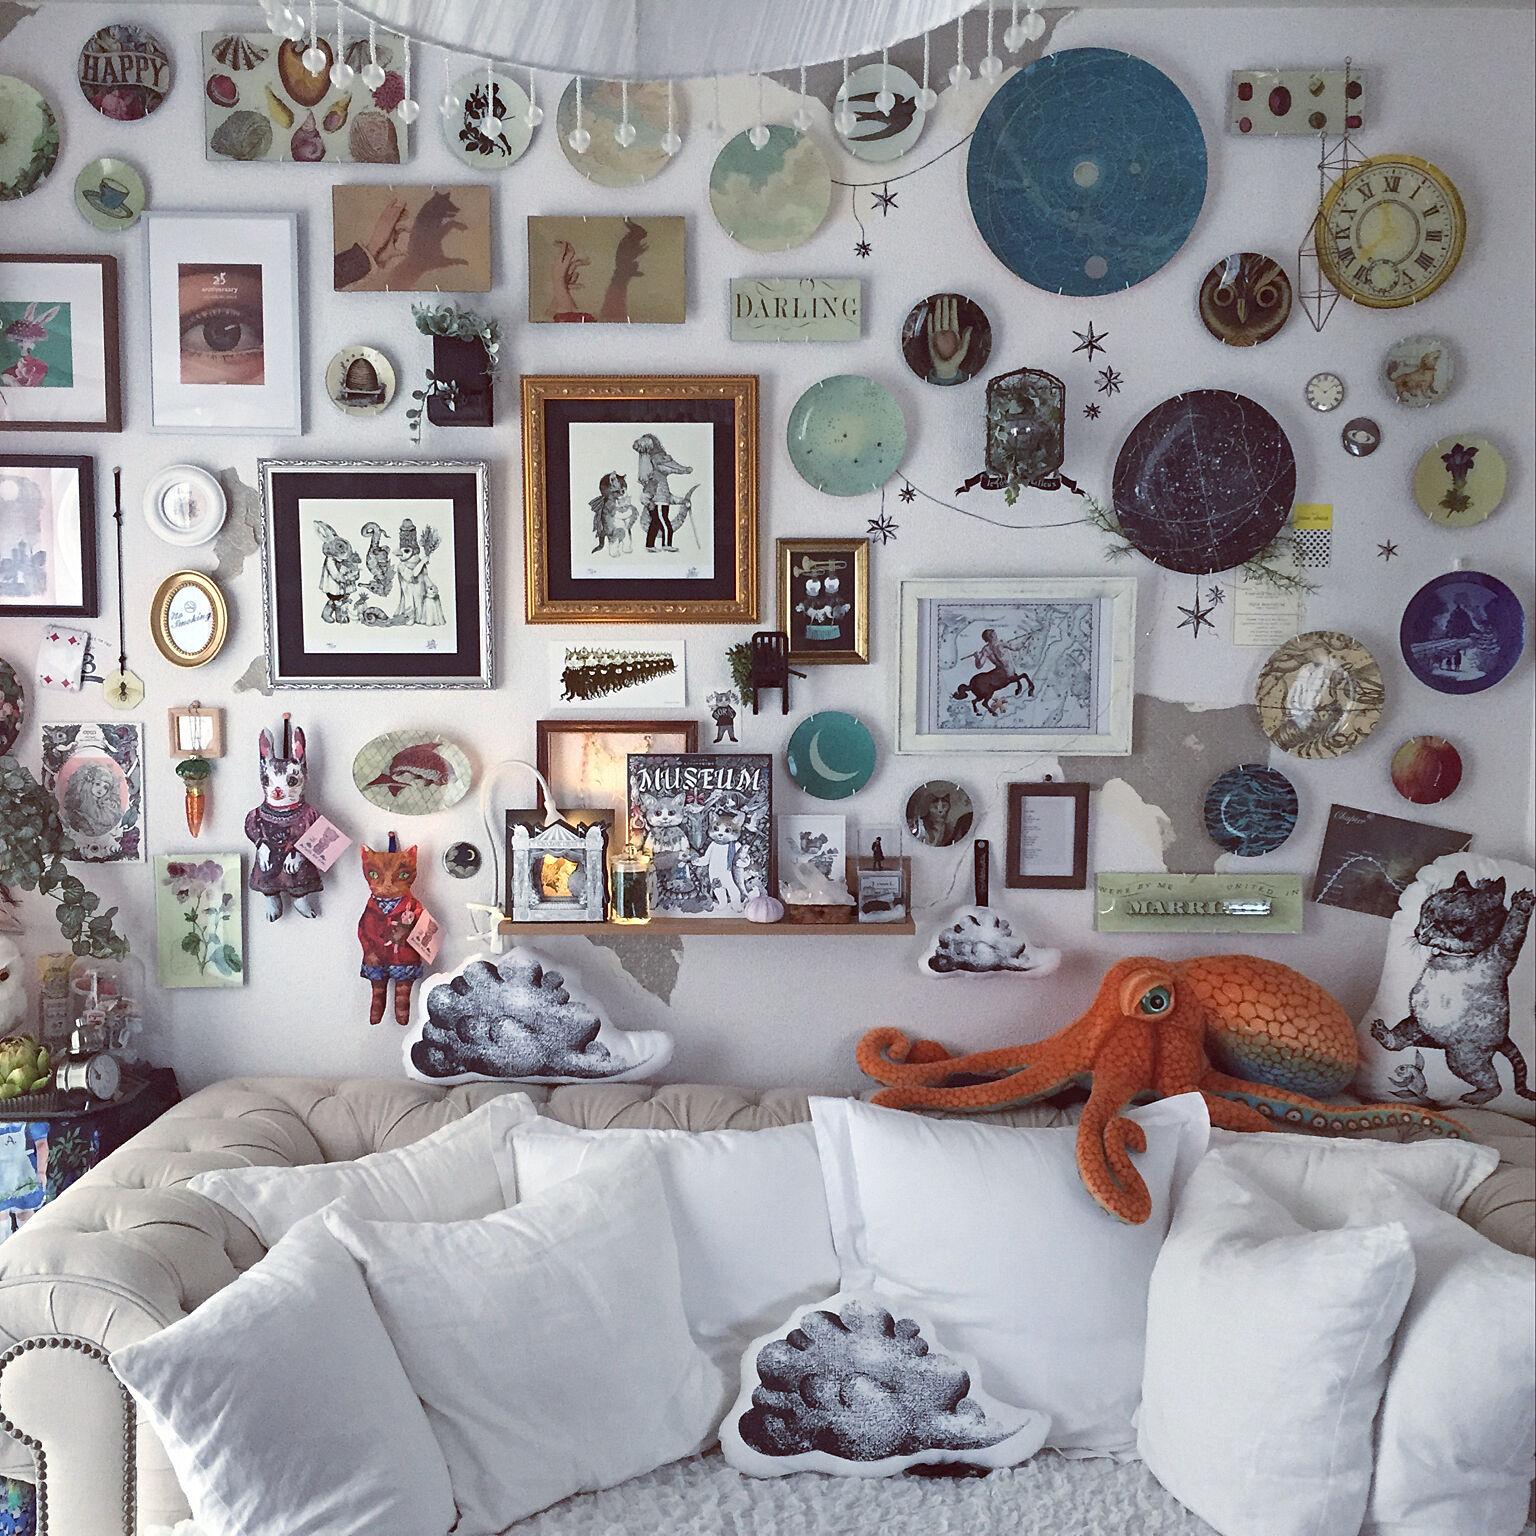 芸術を感じるハイセンスな日常空間☆アートのあるお部屋作り